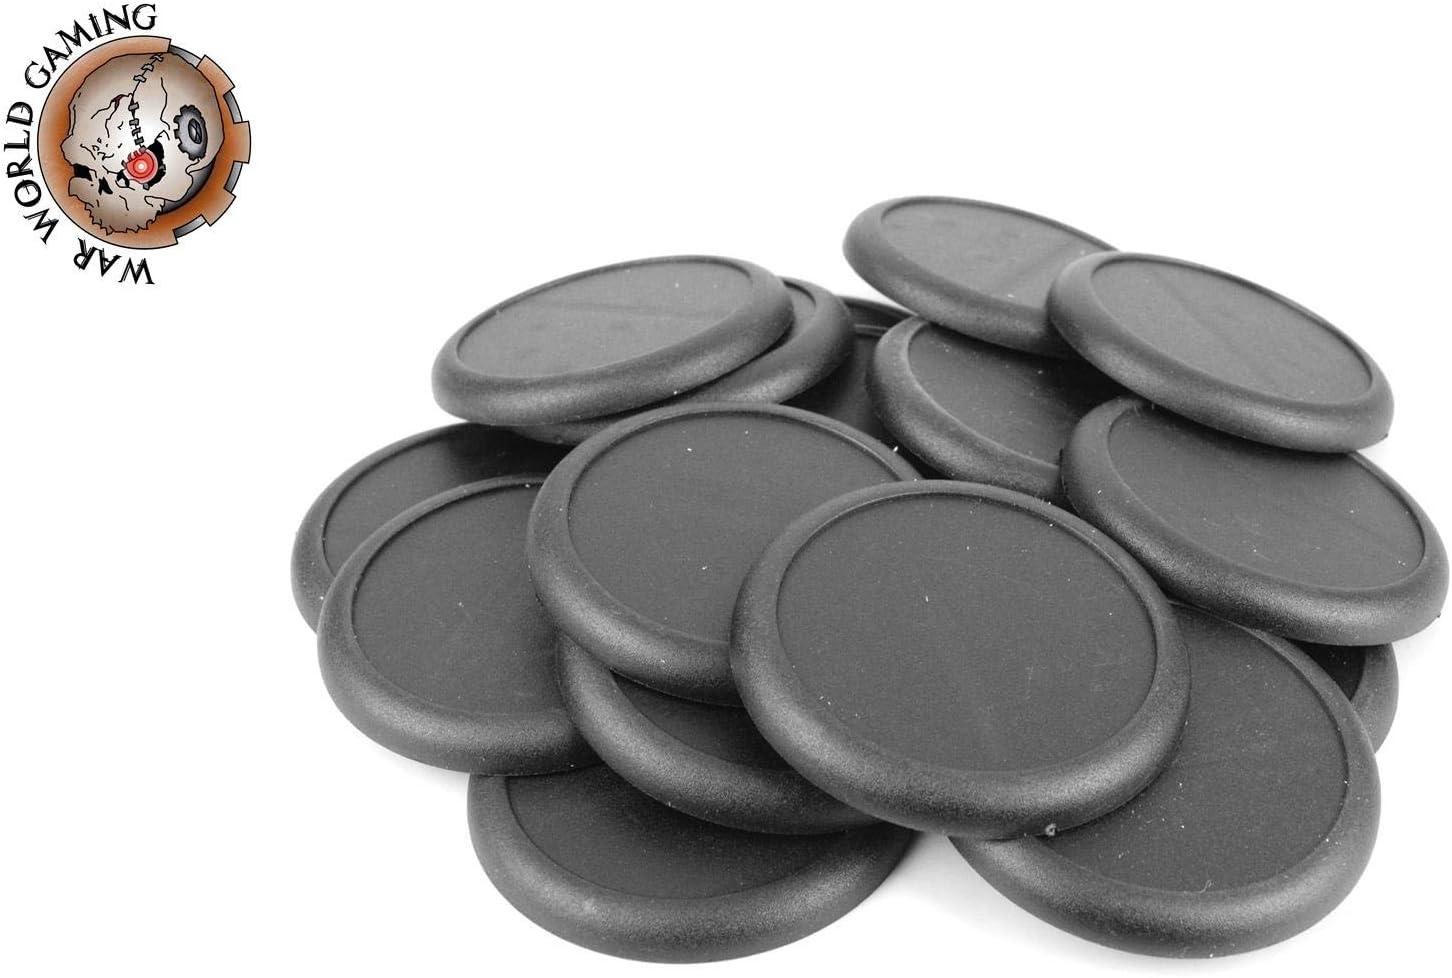 War World Gaming - Peanas Redondas de plástico 50mm con Labio (Elige cantidad) - Wargames Históricos, Wargaming, Base, Escenografía, Miniaturas, Dioramas, Figuras, RPG: Amazon.es: Juguetes y juegos